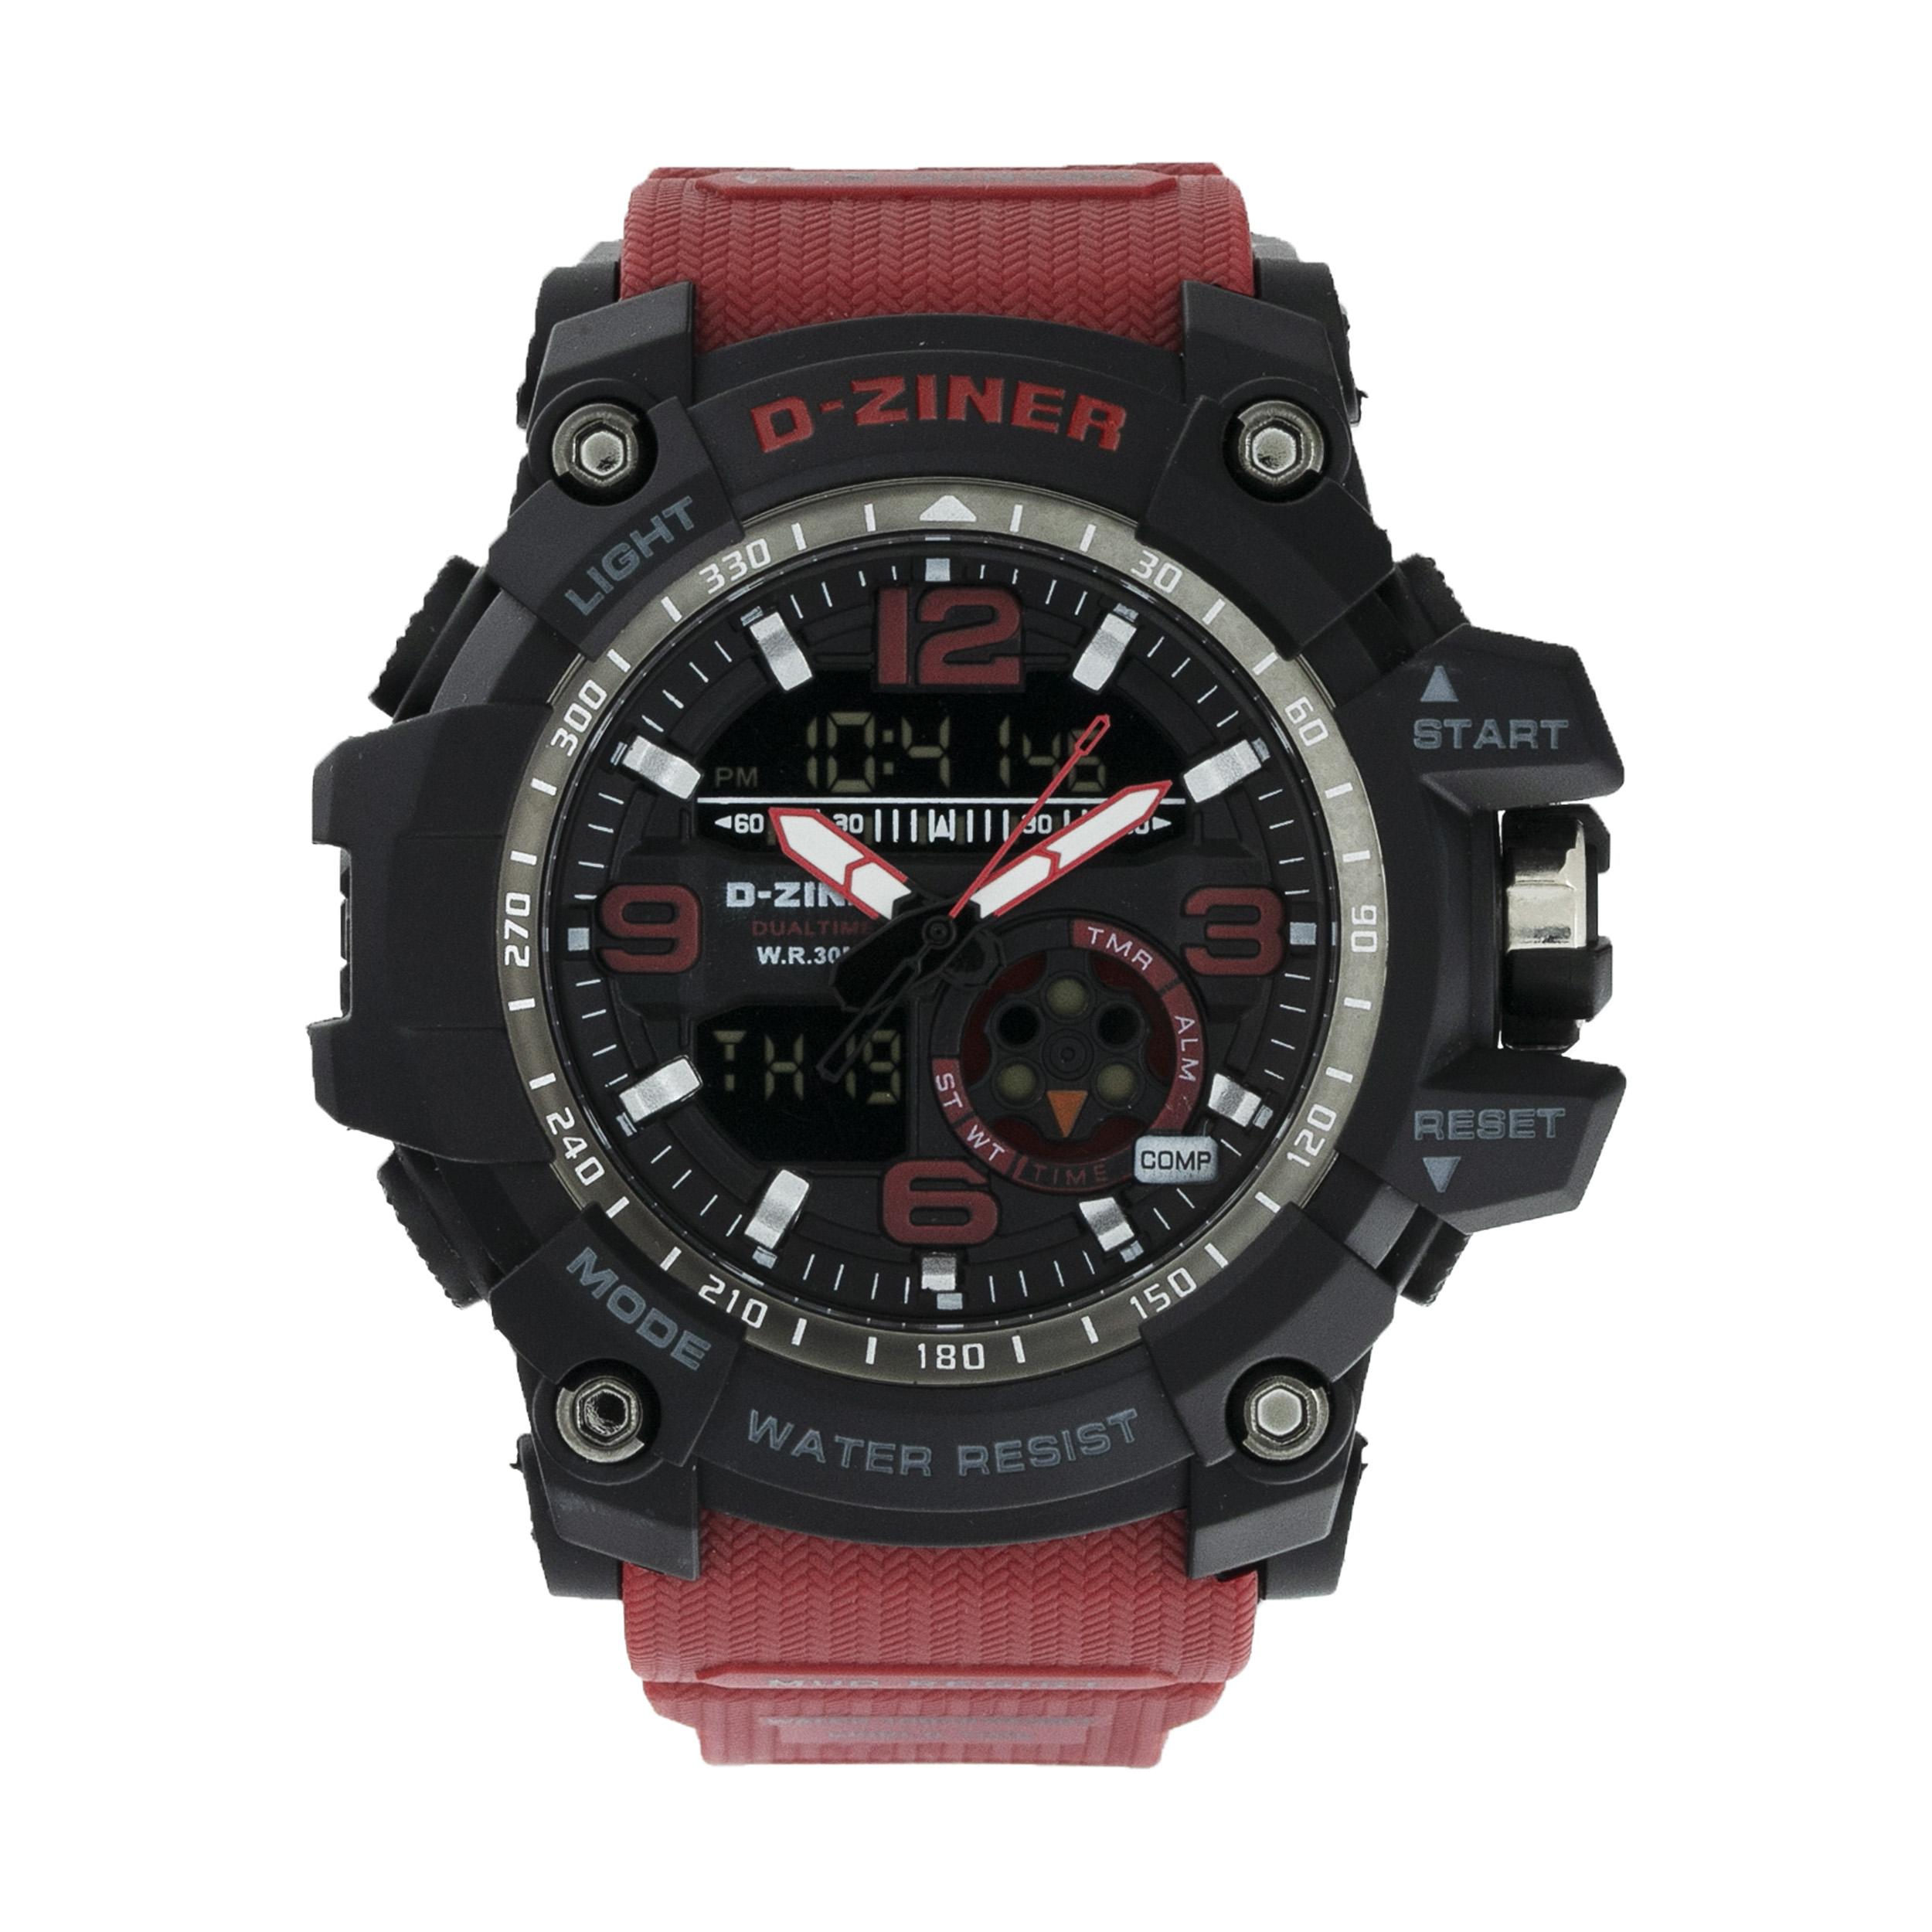 ساعت مچی عقربه ای مردانه دیزاینر مدل D-Z7054 21